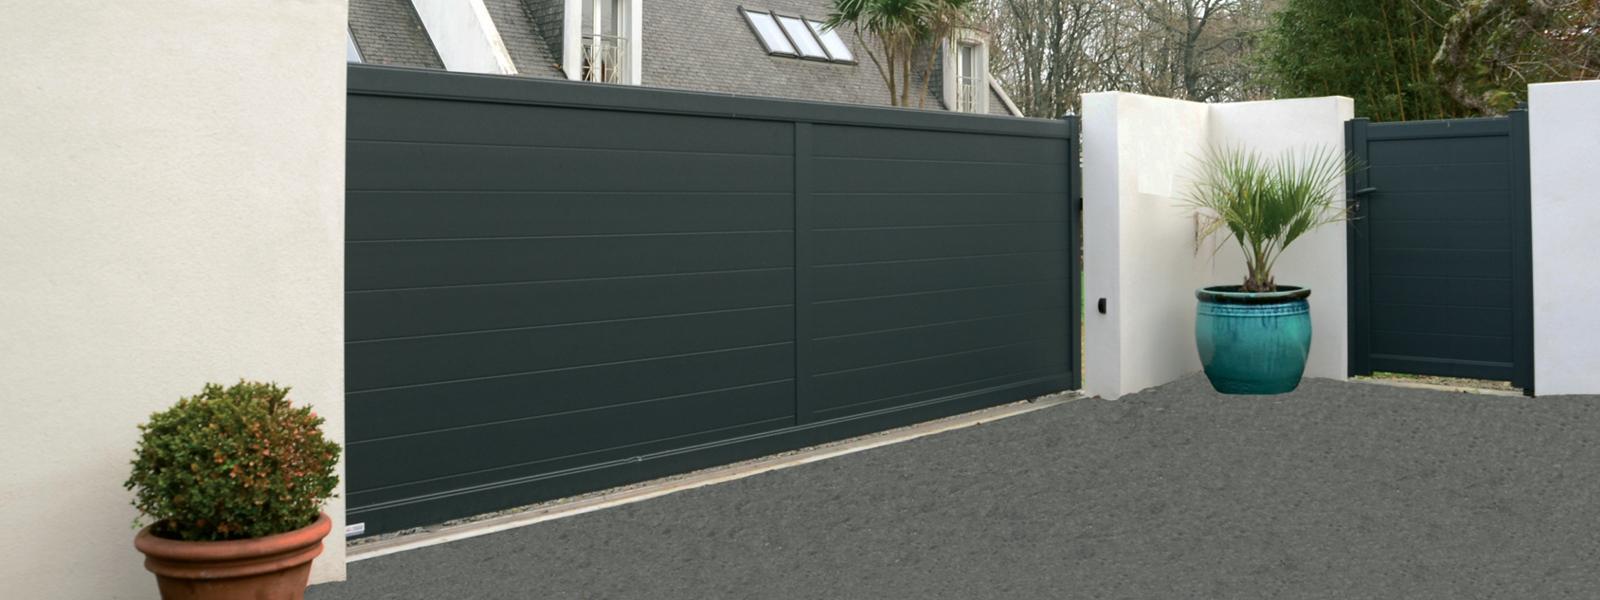 Les portails, portillons & clôtures